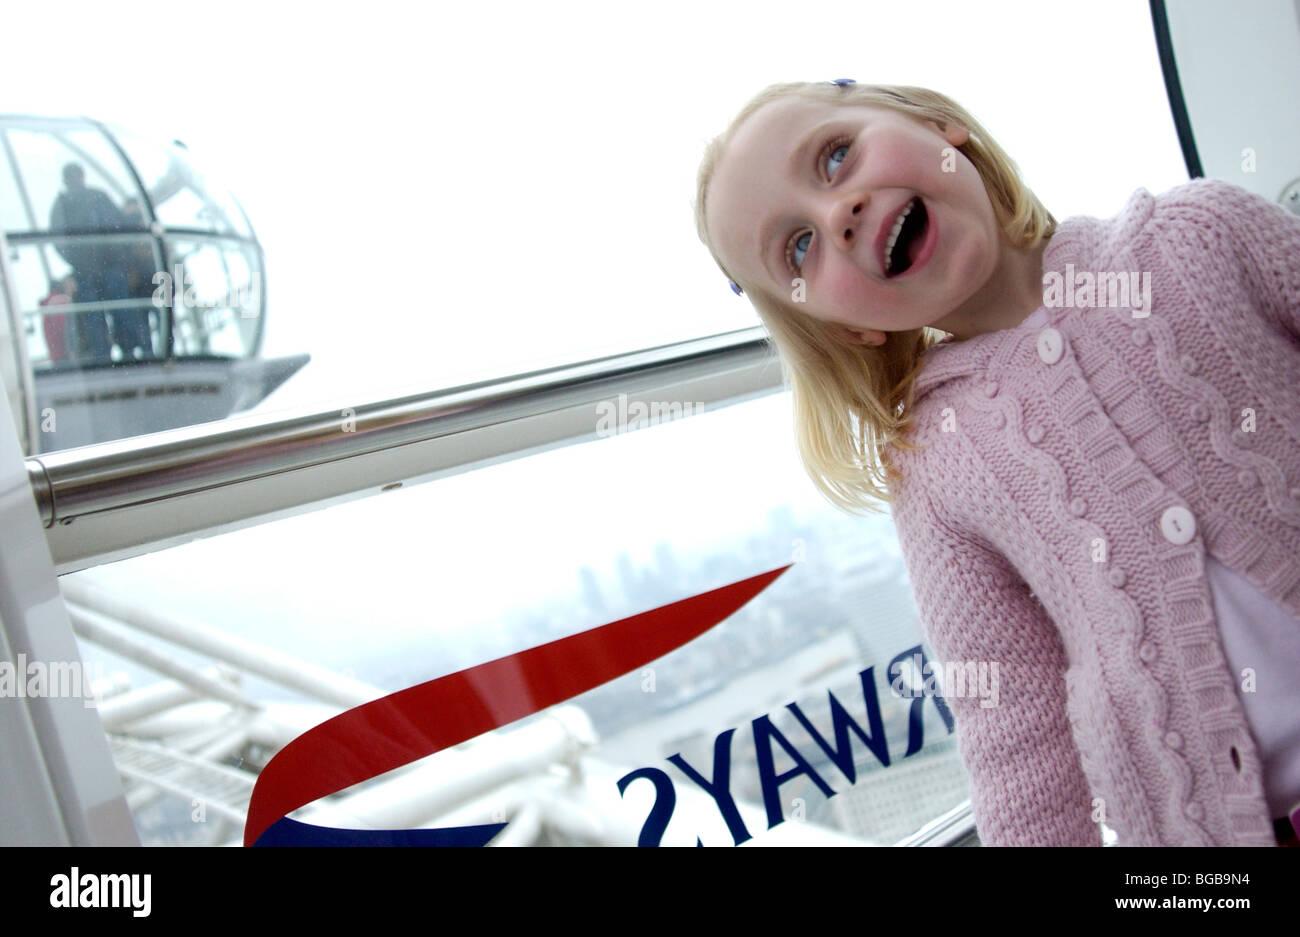 Photographie de London Eye à l'intérieur en visite à l'intérieur de la famille pod kids Banque D'Images